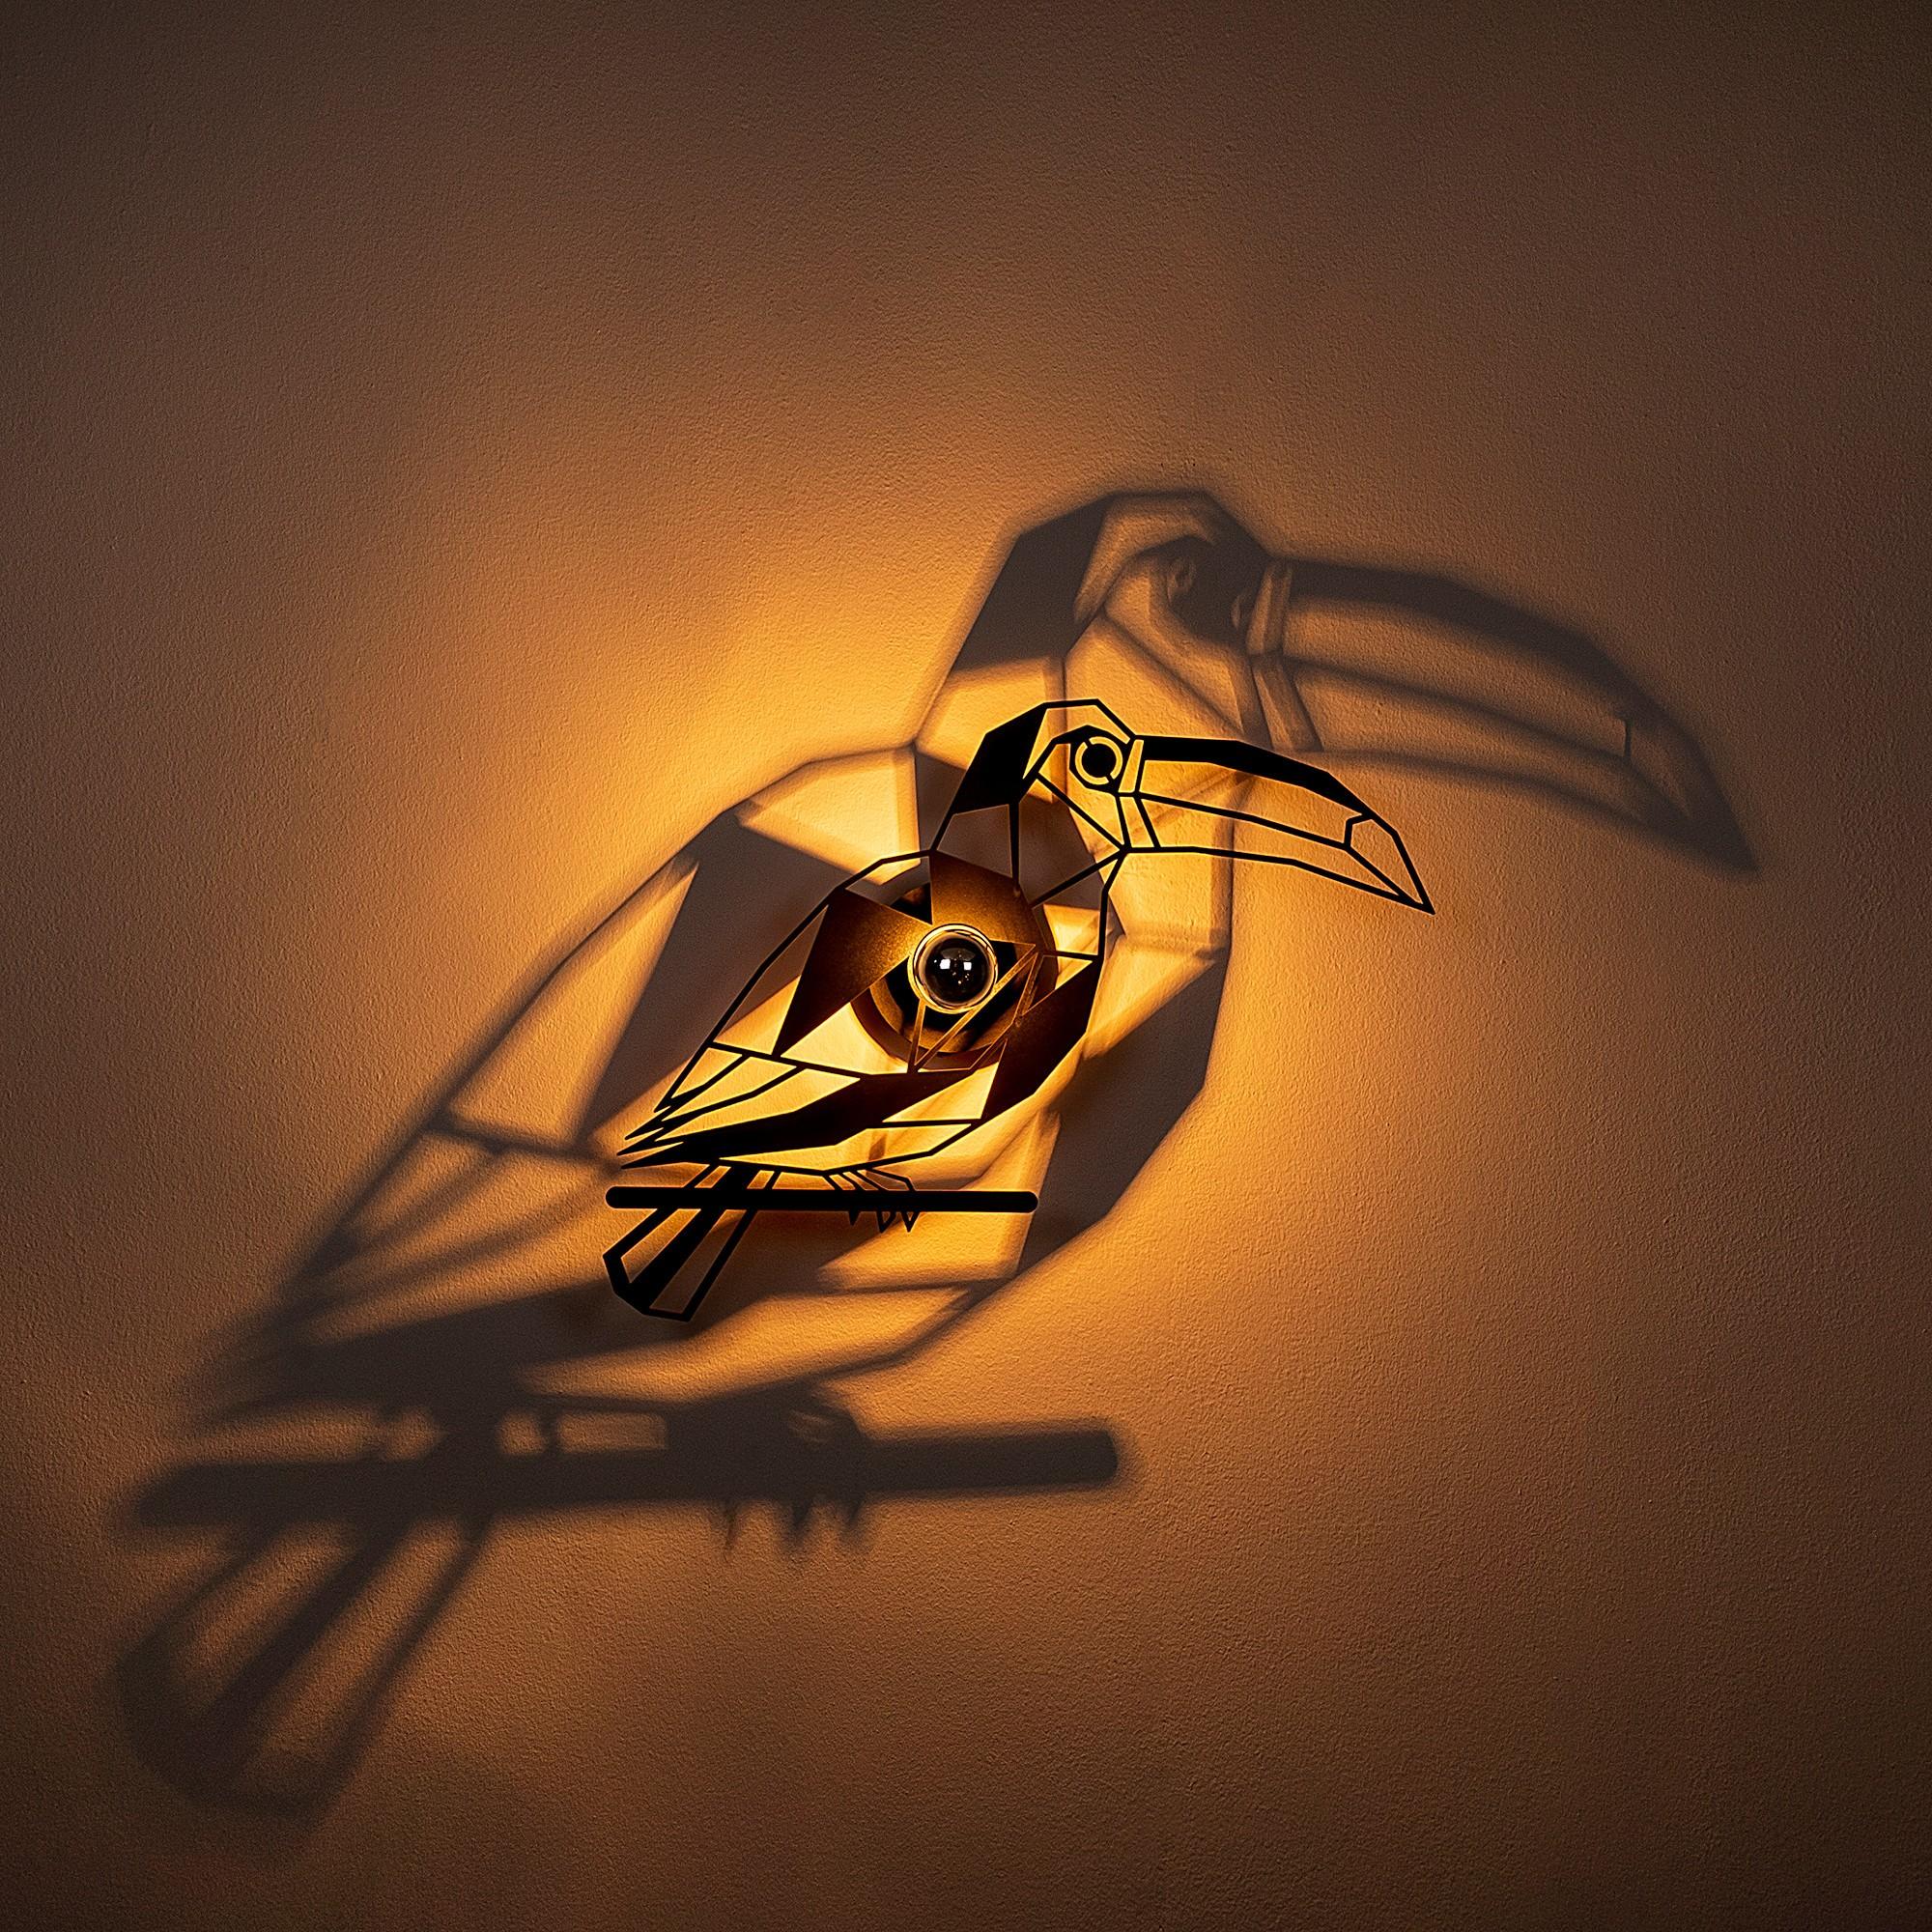 Industriële wanddecoratie dieren lamp - E27 fitting - Tukan - dimbaar - sfeerfoto 1